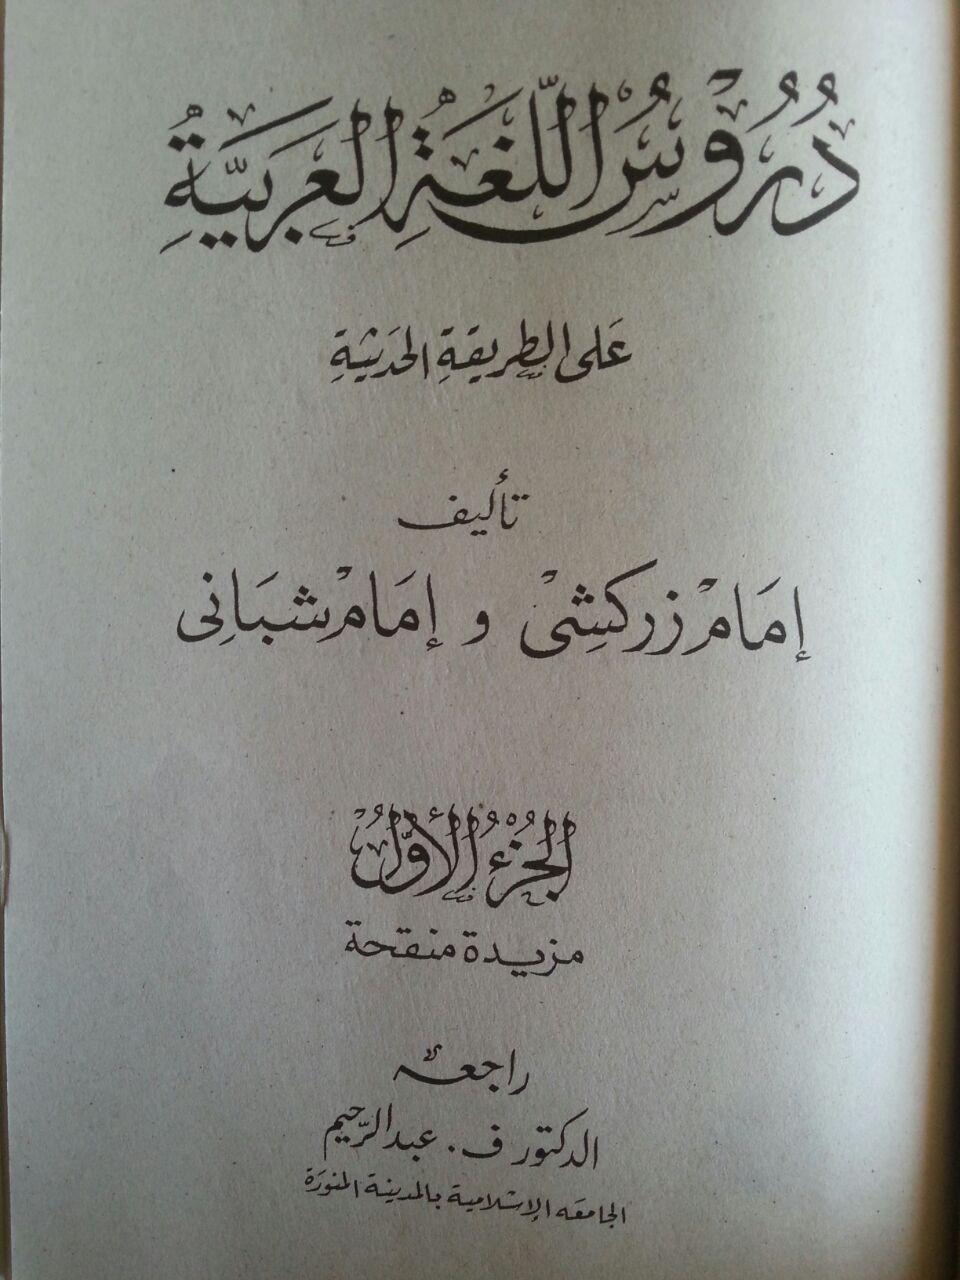 Buku Durusul Lughoh Versi Gontor (2 Jilid) isi 2